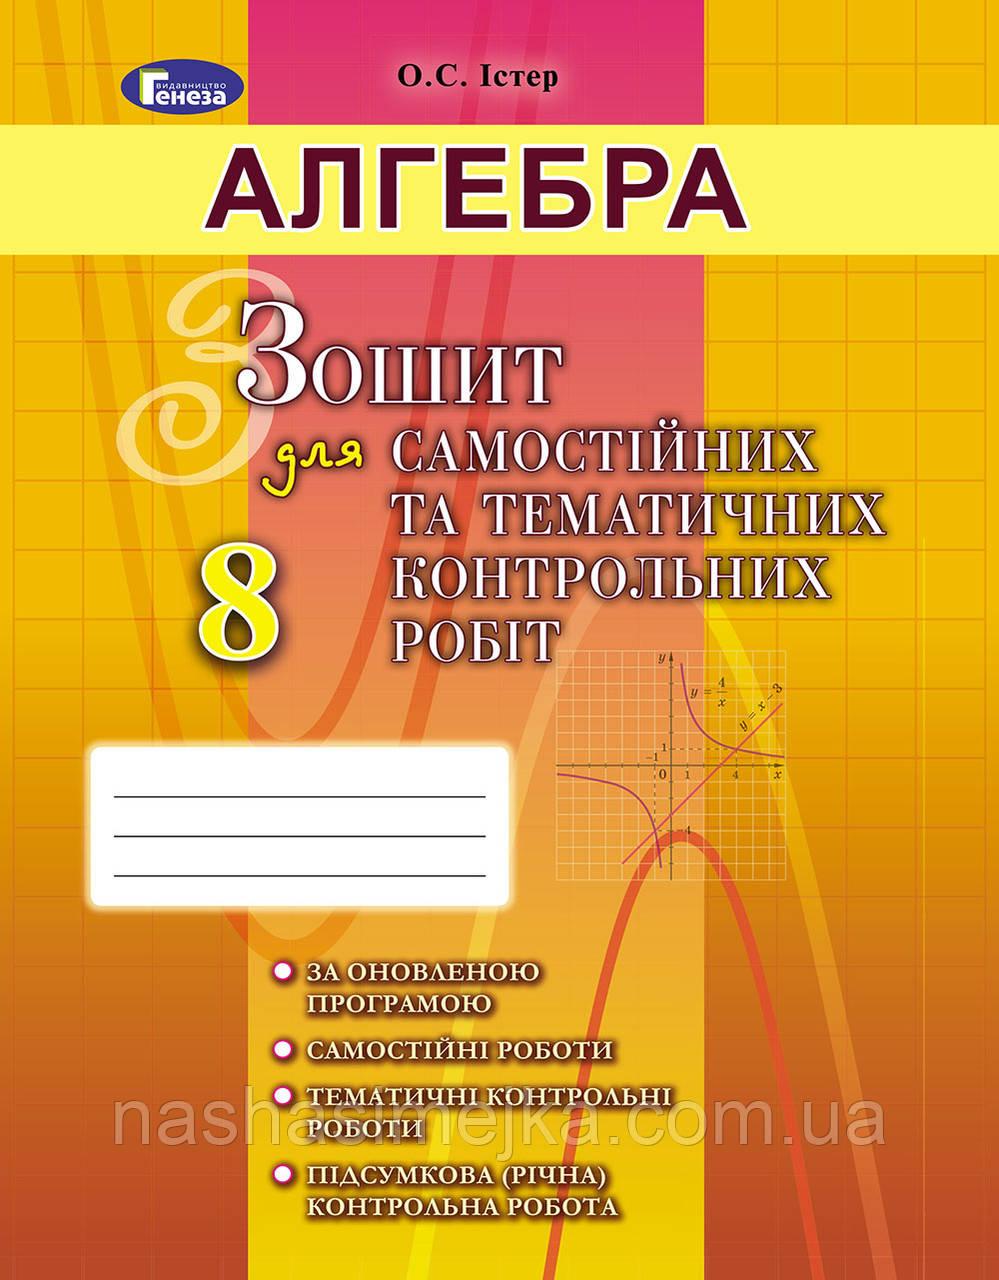 Алгебра 8 клас. Зошит для самостійних та тематичних контрольних робіт - Істер О. С. (Генеза)